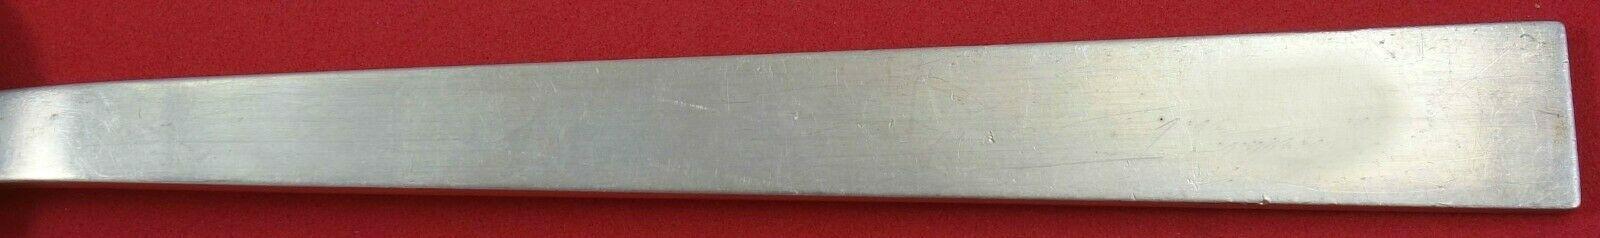 """Moderne by Adra Sterling Silver Regular Fork 7"""" Serving Piece Vintage image 2"""